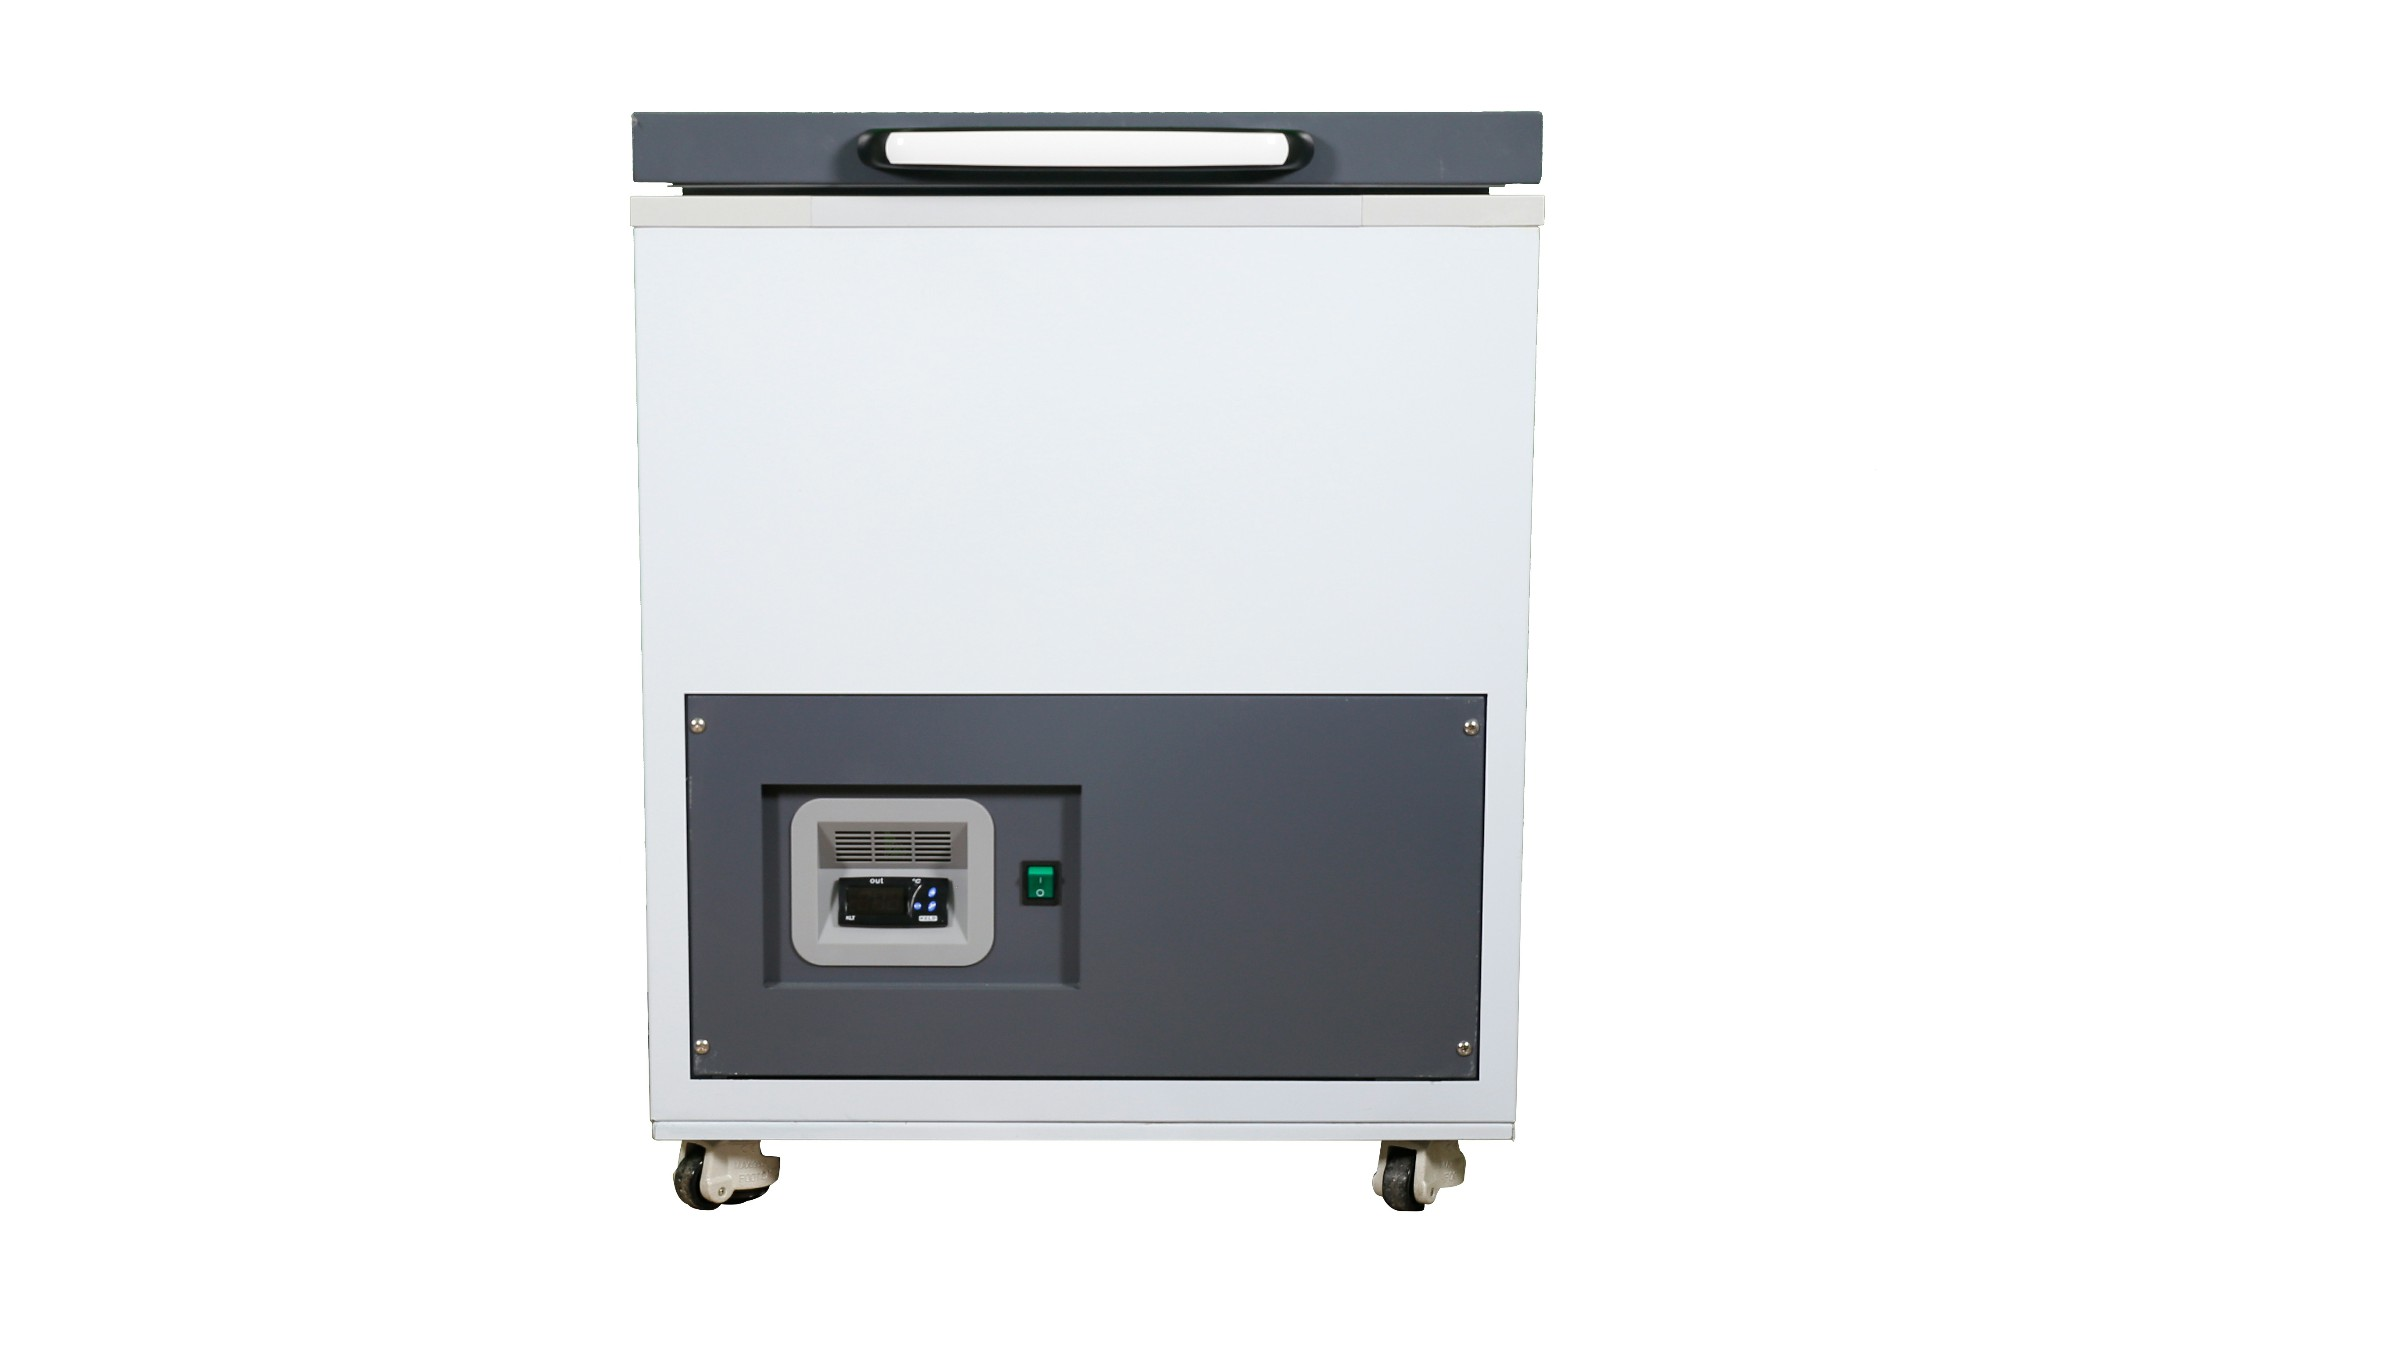 想买质量良好的-180度冷冻机,就来展望兴科技|供应冰箱